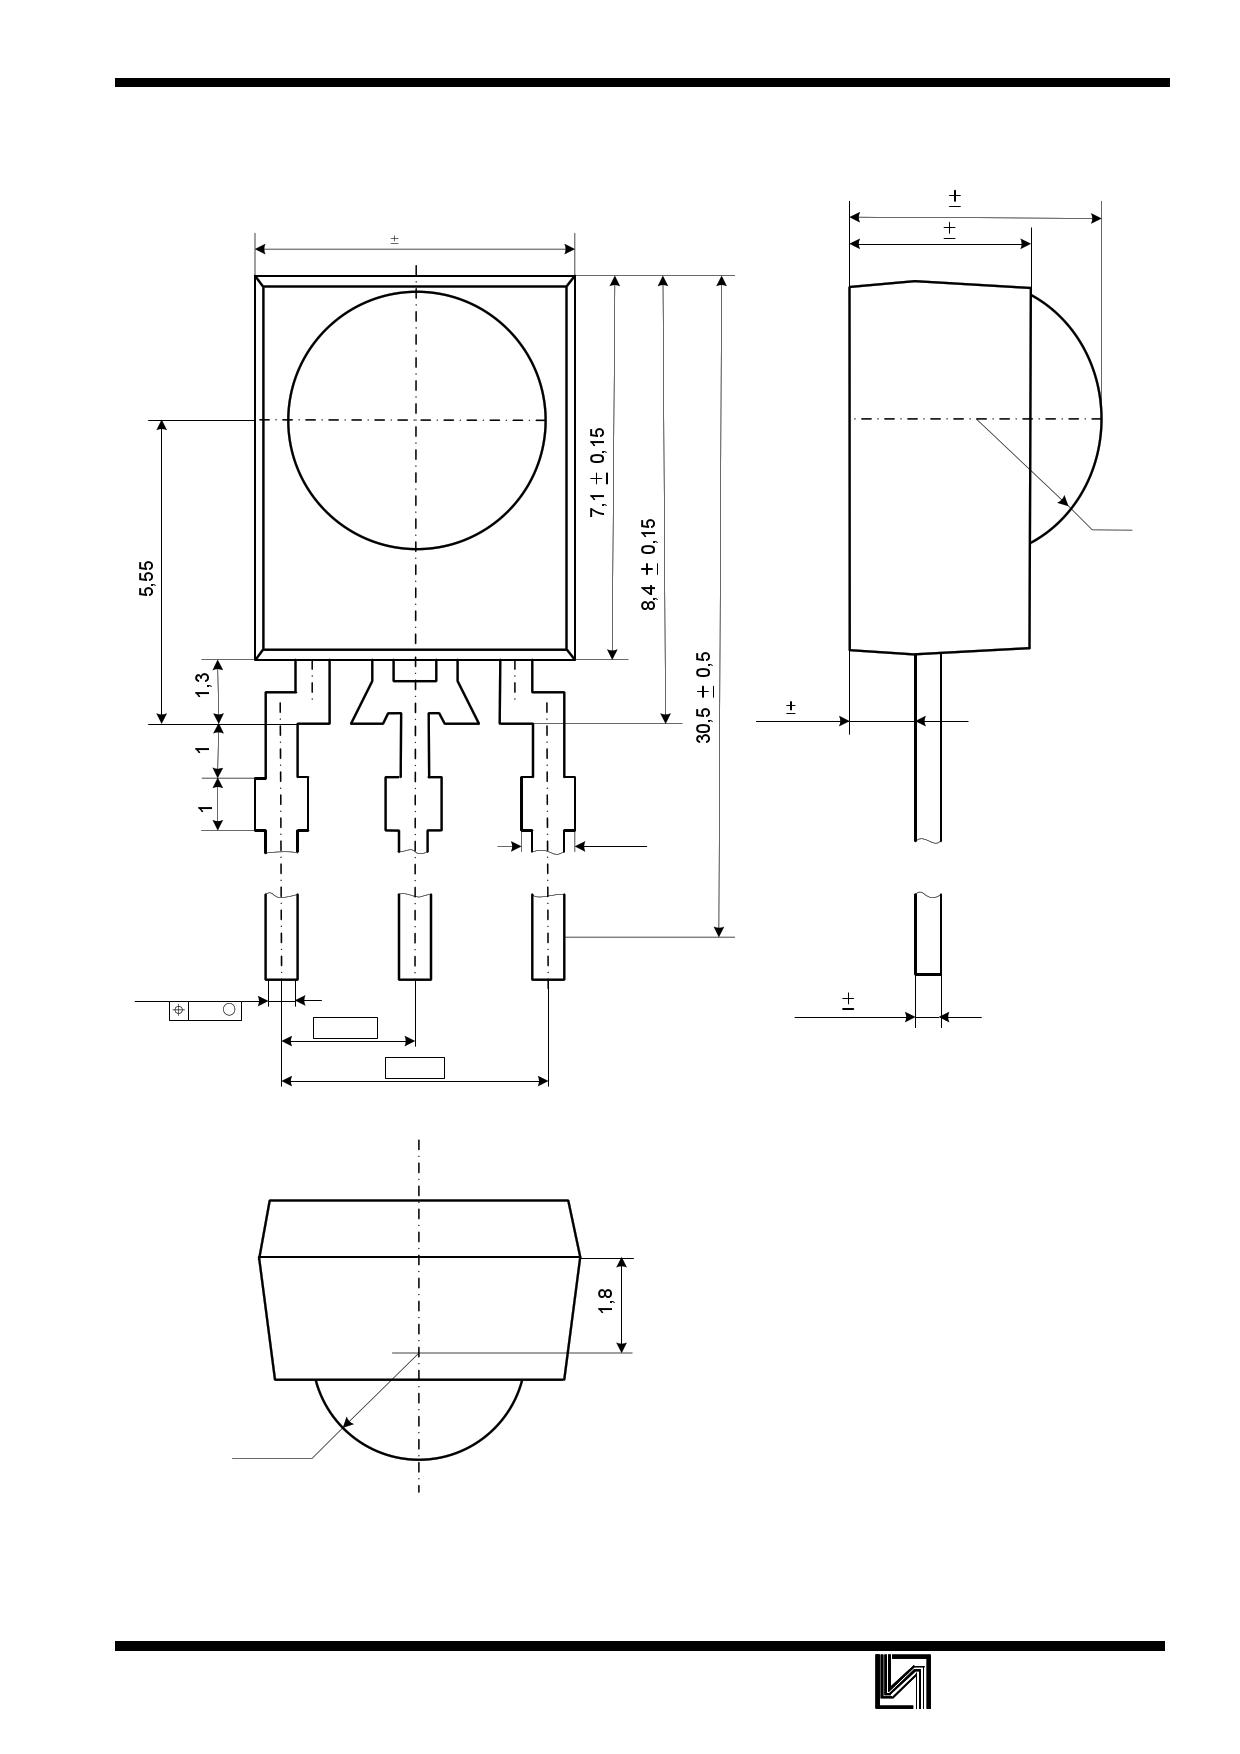 ILOP1836SS 電子部品, 半導体